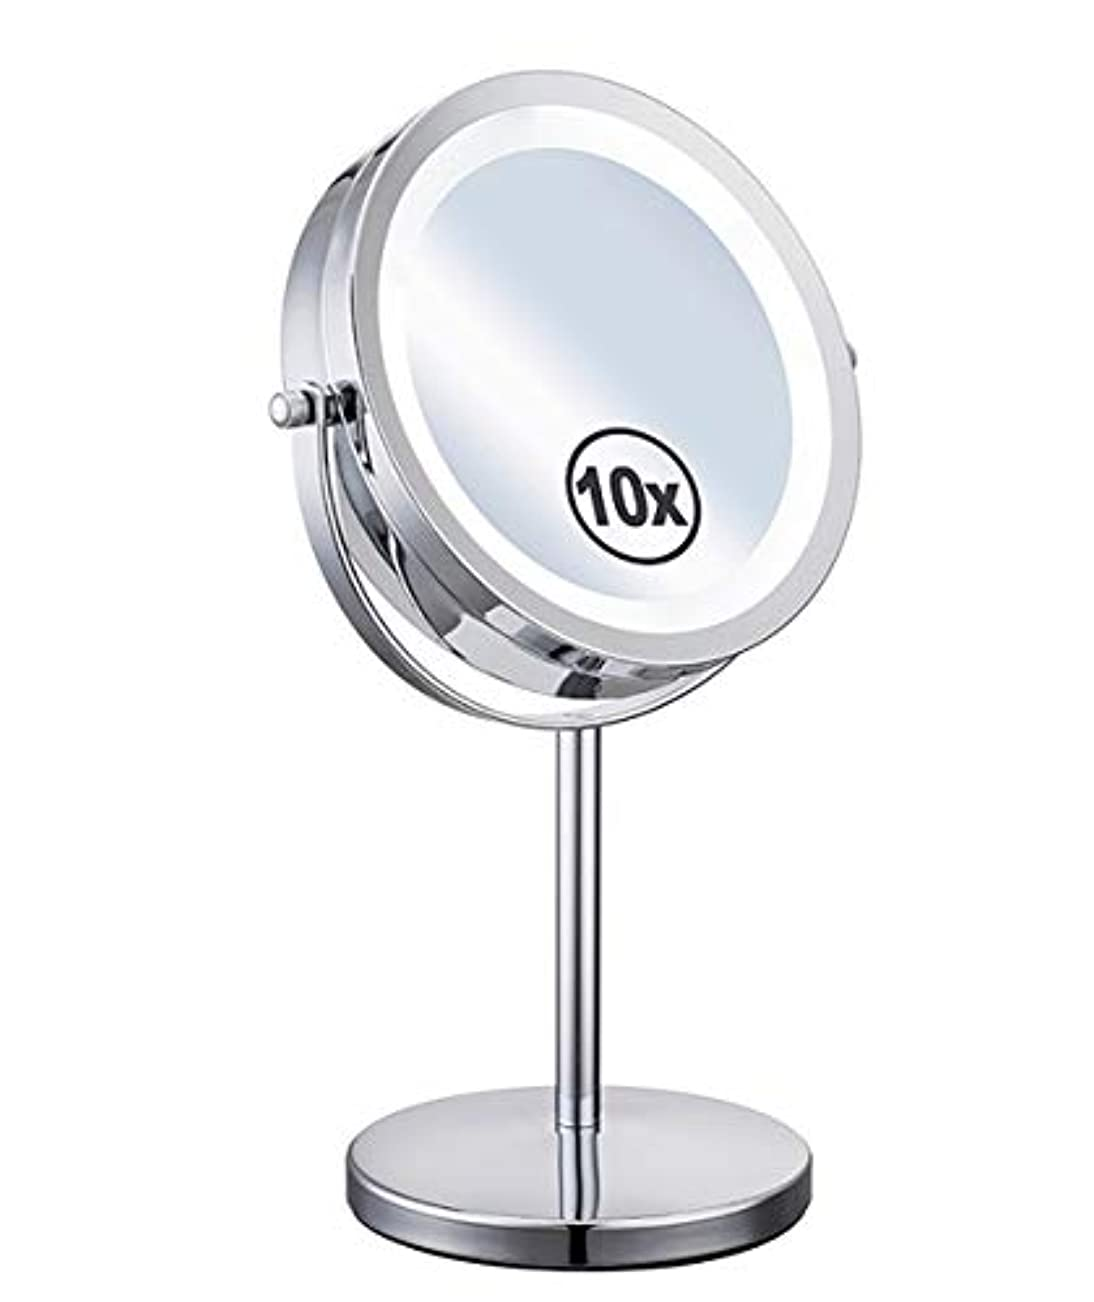 急速な楽観敵意LED照明付き化粧鏡補助ランプデスクトップ両面360°スイベル1倍/ 10倍拡大鏡個人用とミラー